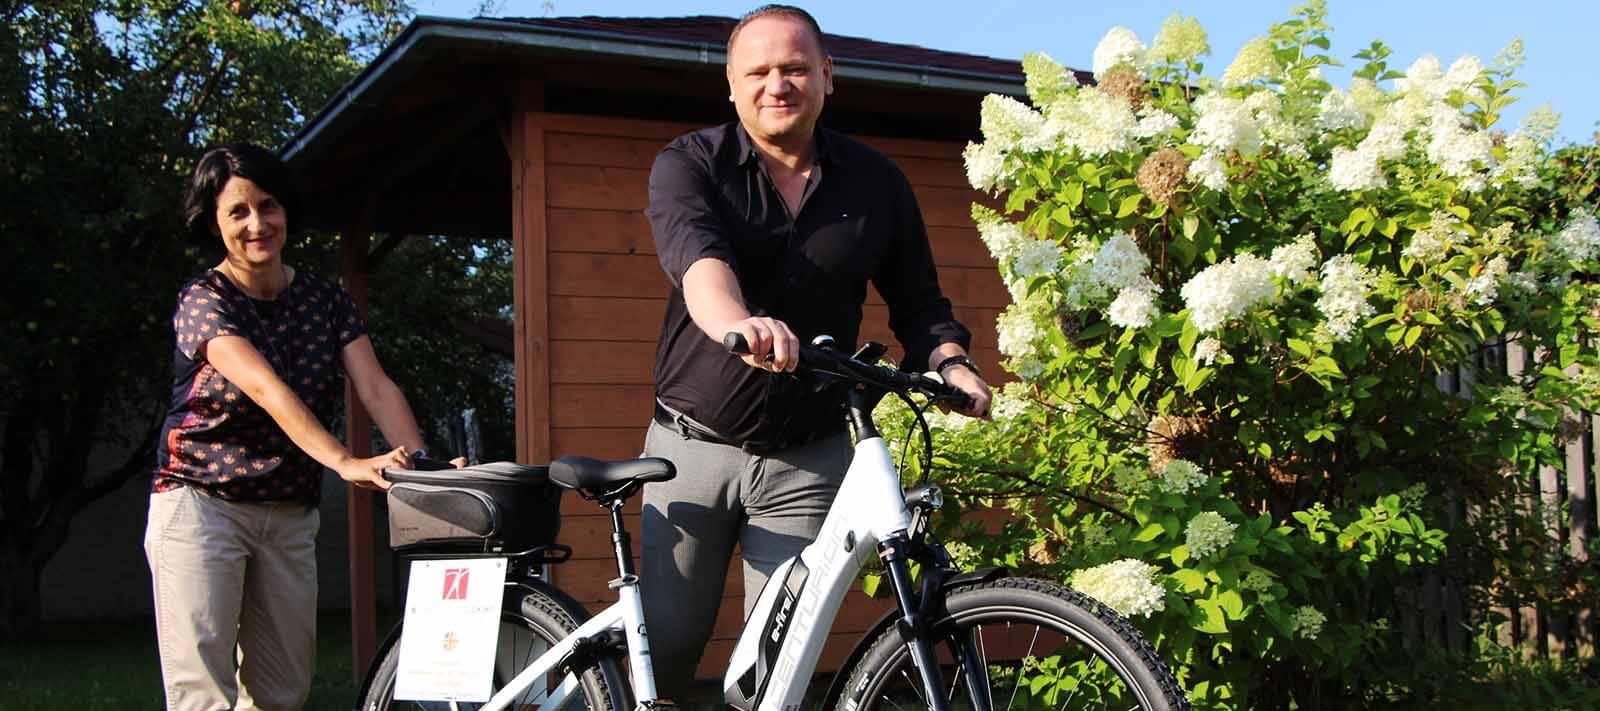 Mit dem E-Bike zum Klienten